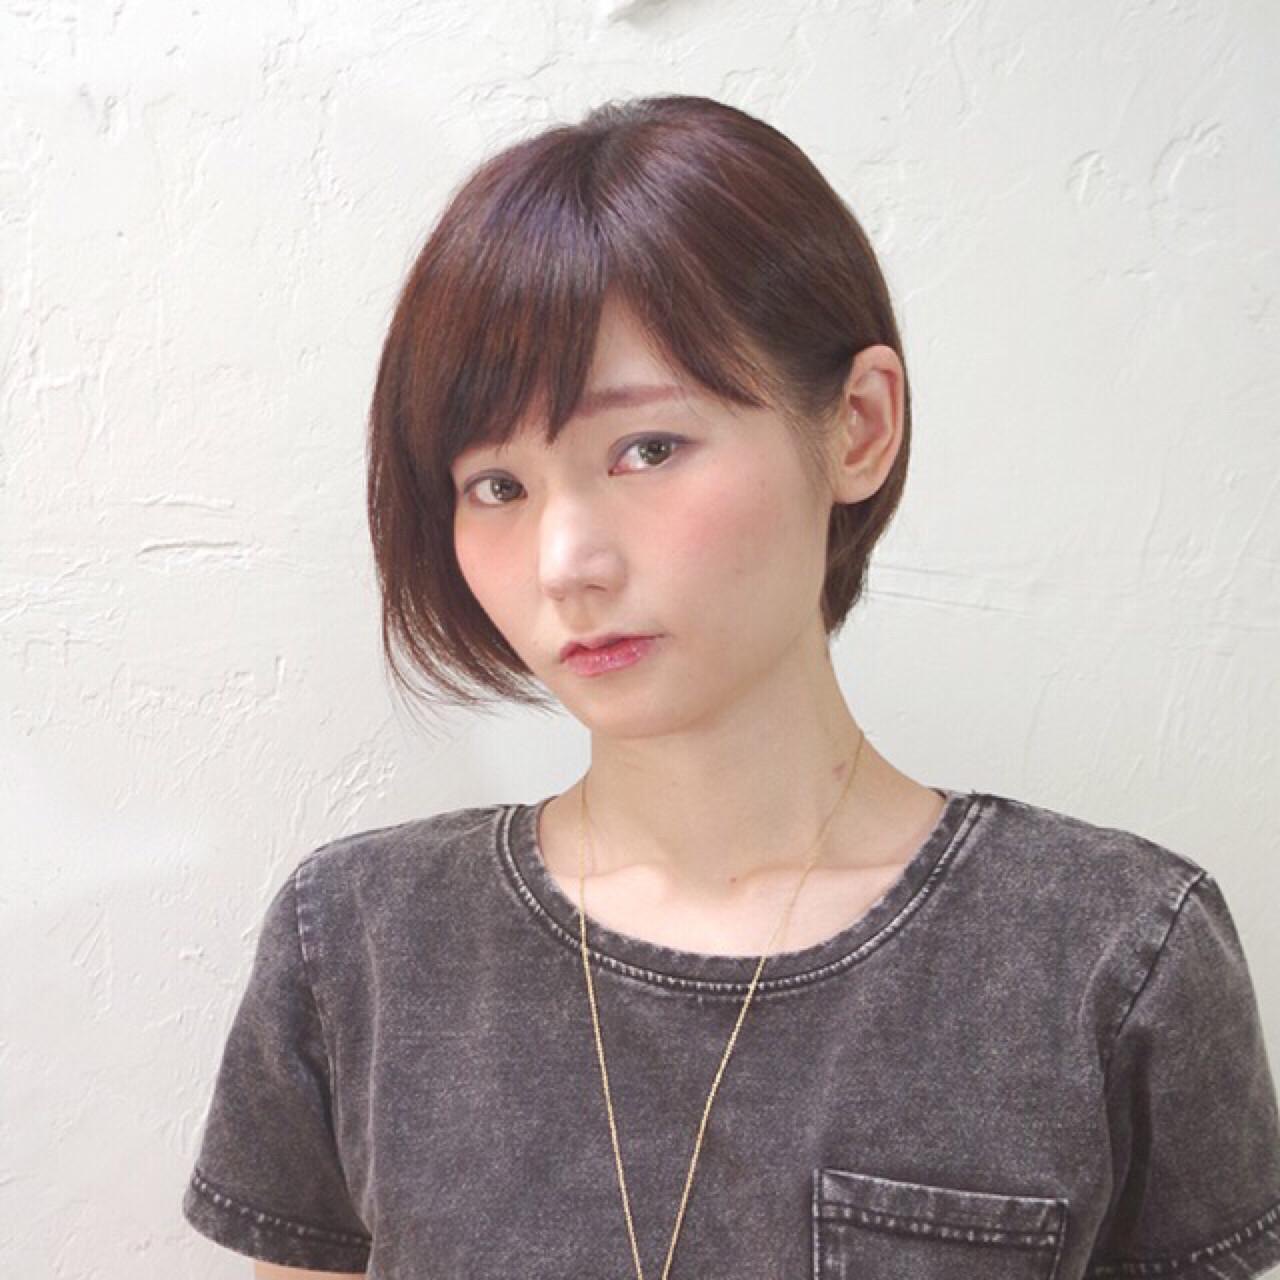 ナチュラル ボブ ピュア 前髪あり ヘアスタイルや髪型の写真・画像 | Nao Kokubun blast / blast